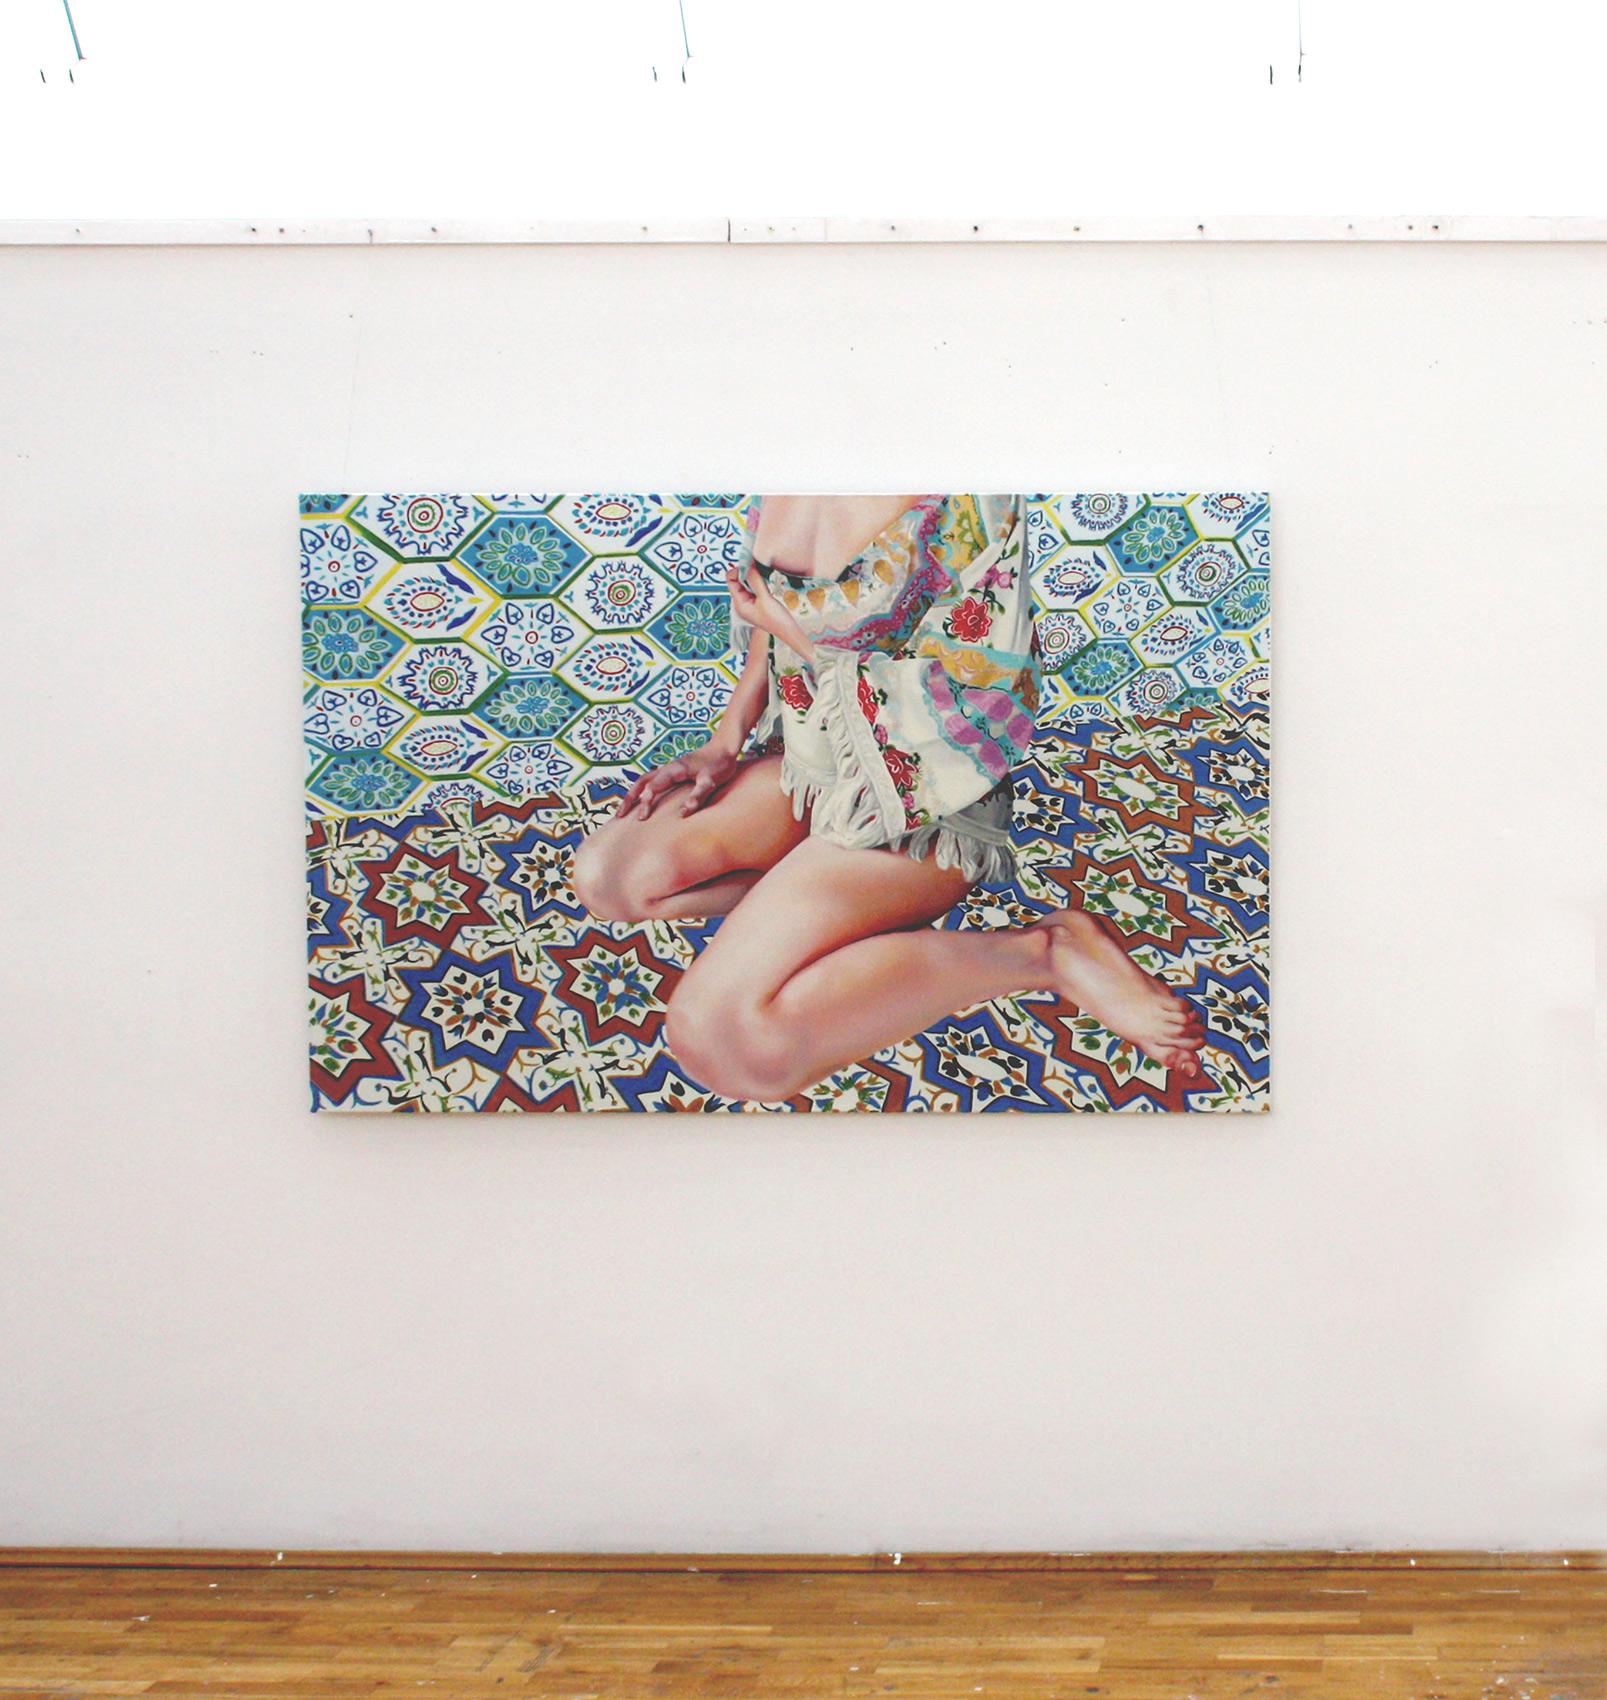 malerier, æstetiske, farverige, figurative, portræt, kroppe, botanik, mønstre, seksualitet, beige, blå, turkise, gule,  bomuldslærred, olie, erotiske, planter, seksuel, levende, Køb original kunst af den højeste kvalitet. Malerier, tegninger, limited edition kunsttryk & plakater af dygtige kunstnere.